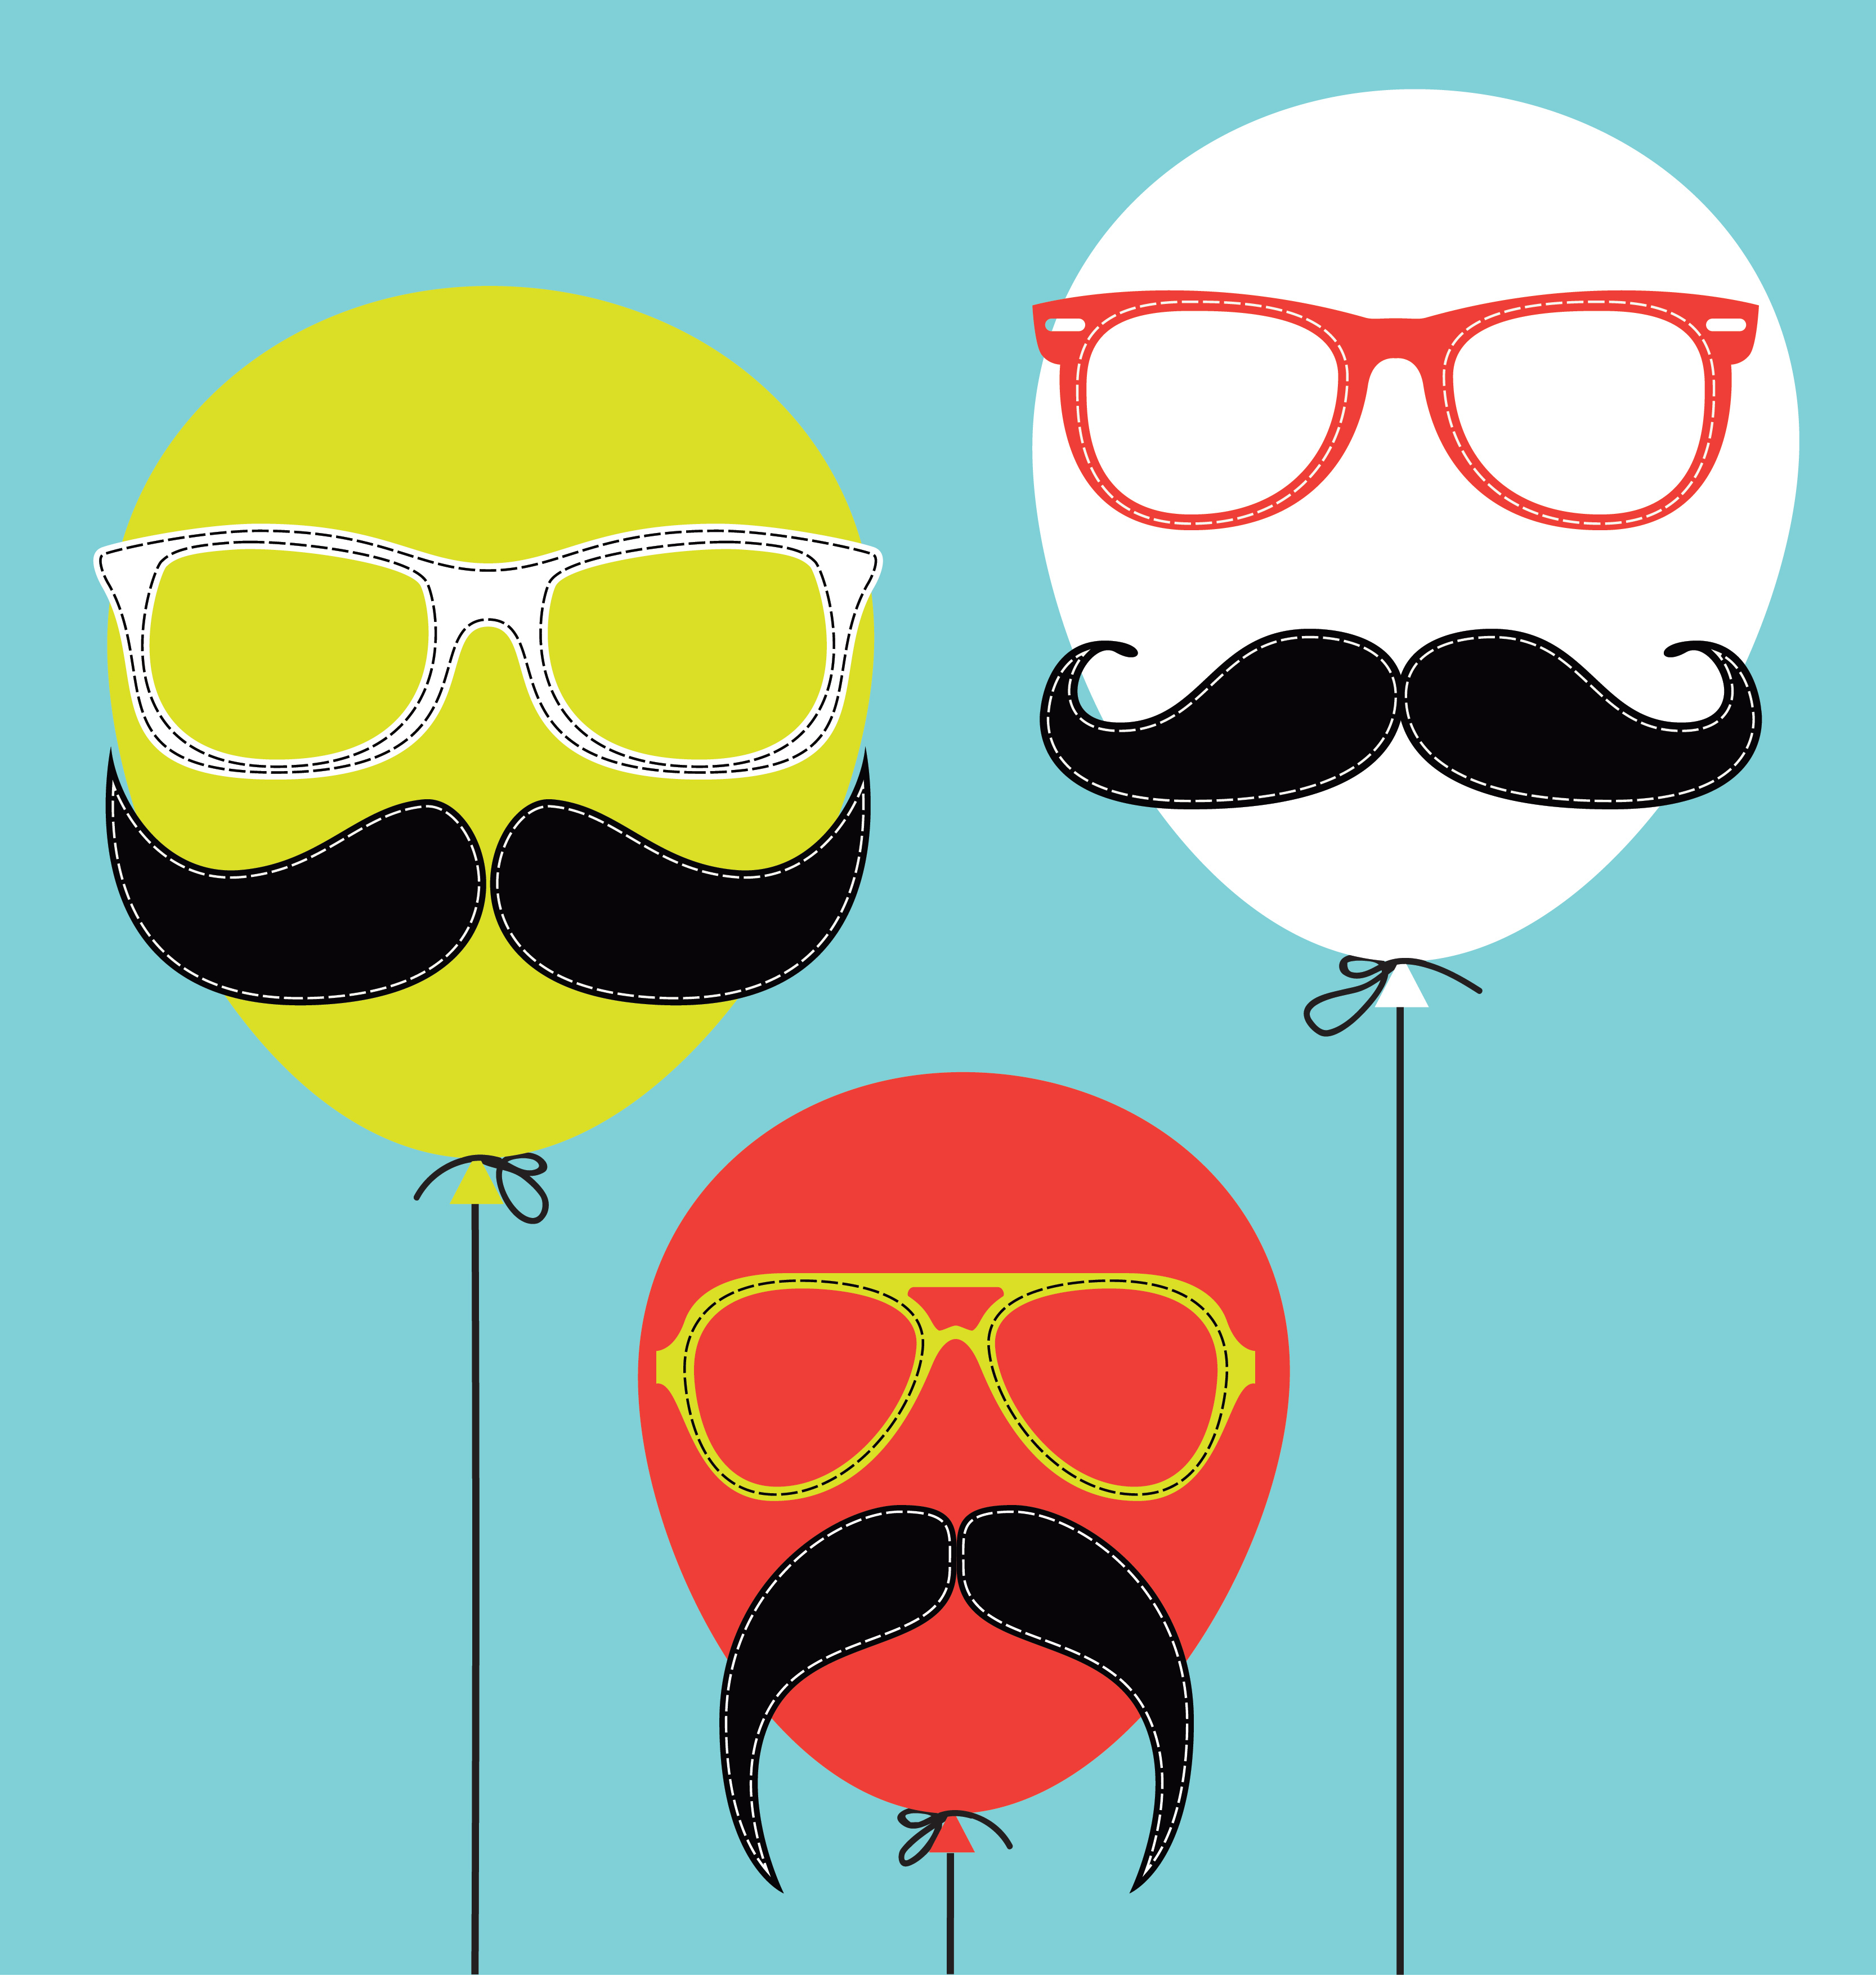 髭が印刷された素材をダウンロード